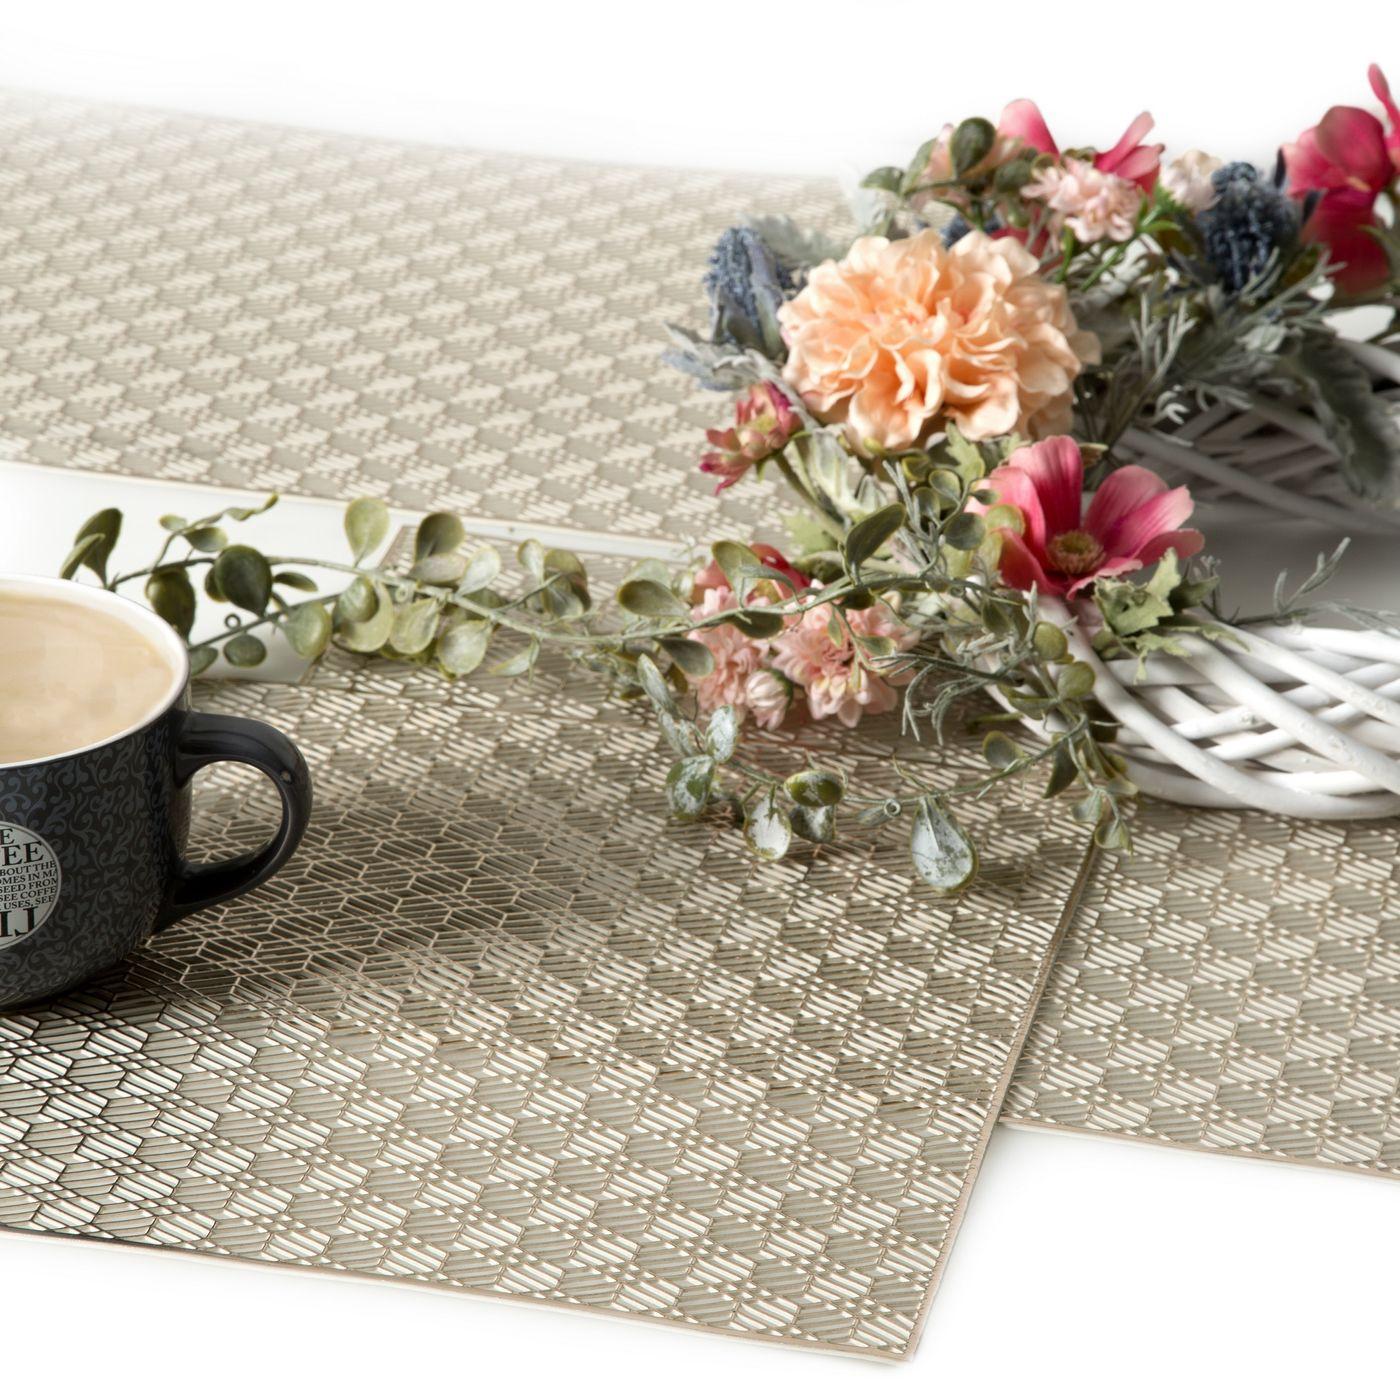 Ażurowa podkładka stołowa szampańska wzór geometryczny 45x30 cm